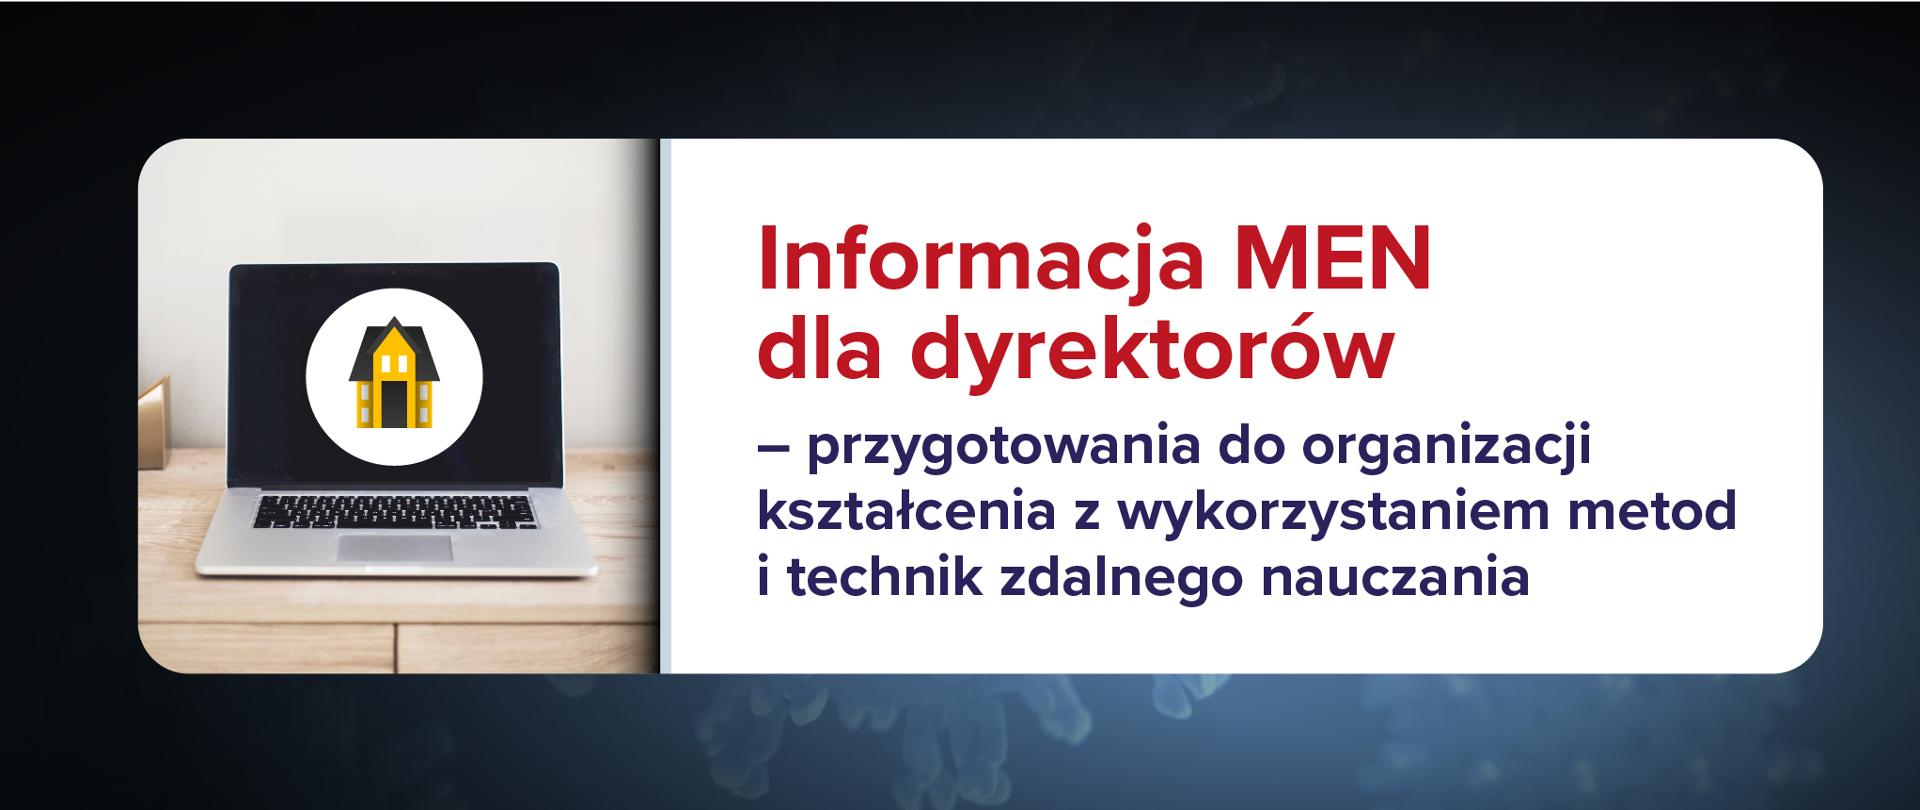 Grafika z napisem Informacje MEN - przygotowania do organizacji kształcenia z wykorzystaniem metod i technik zdalnego nauczania